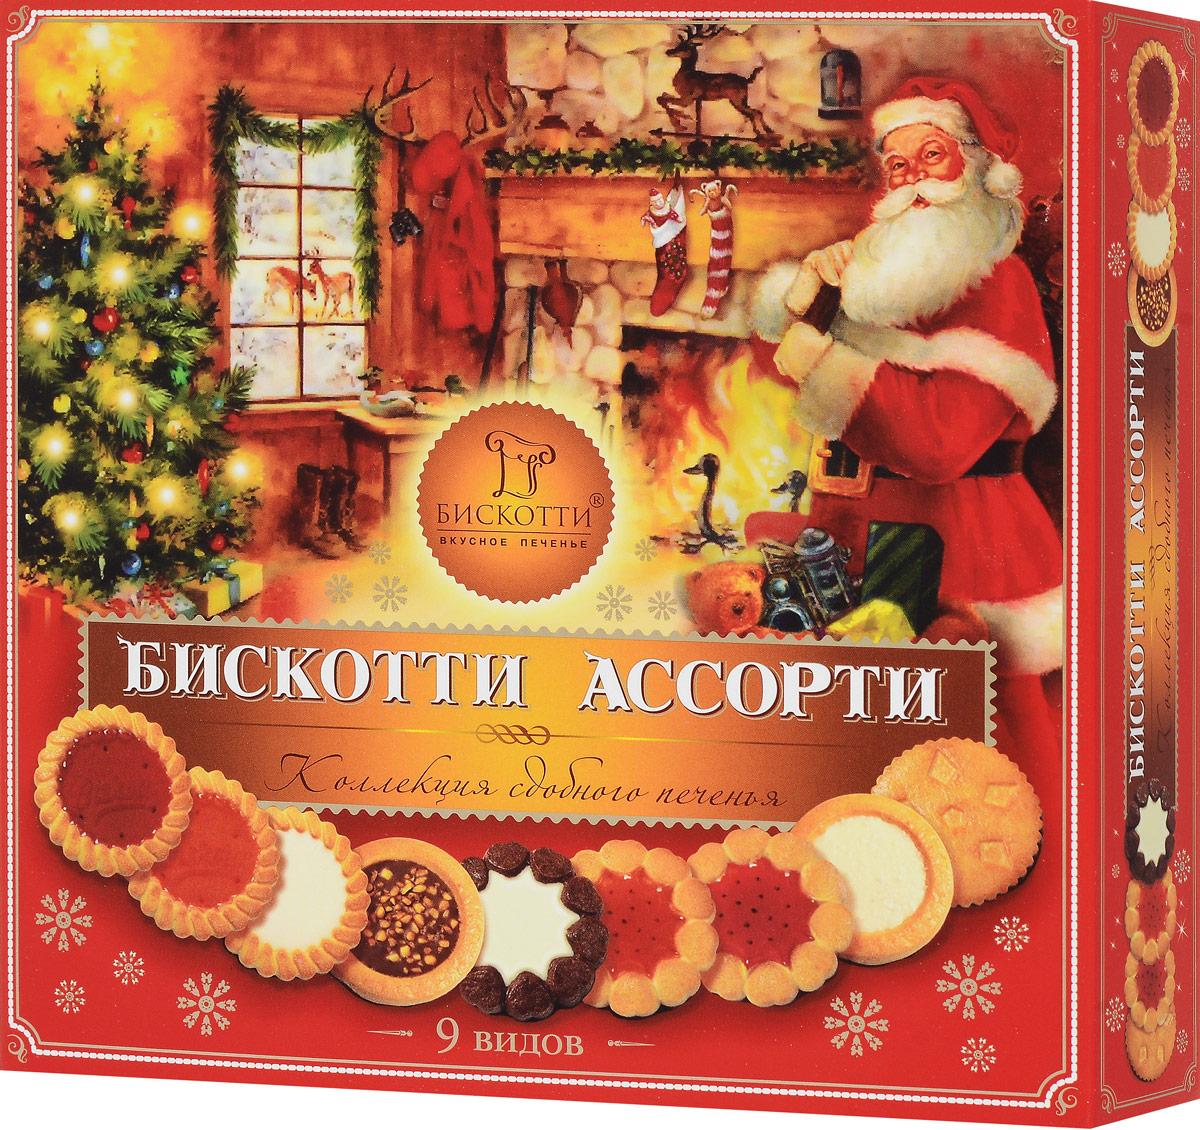 Бискотти Ассорти печенье сдобное, 345 г (9 видов)ищд205рНабор сдобного печенья Бискотти Ассорти из девяти видов печенья порадует всех любительниц сладкого. Продукция упакована в презентабельно оформленную коробочку. Идеальный подарочный вариант. В набор входит: - Бискотти с кремом - печенье сдобное с кремовой начинкой, глазированное; - Бискотти с орехом - печенье сдобное с шоколадно-ореховой начинкой, декорированное дробленым орехом, обжаренным в карамели, глазированное; - Бискотти с кокосом - печенье сдобное с кокосовой начинкой, декорированное мякотью кокосового ореха, глазированное; - Бискотти с вишневым мармеладом; - Бискотти с апельсиновым мармеладом; - Бискотти Шокко - печенье сдобное рассыпчатое, глазированное; - Бискотти Ноттэ - печенье сдобное с кремовой начинкой, шоколадное тесто, глазированное. Уважаемые клиенты! Обращаем ваше внимание на то, что упаковка может иметь несколько видов дизайна. Поставка осуществляется в зависимости от наличия на складе.